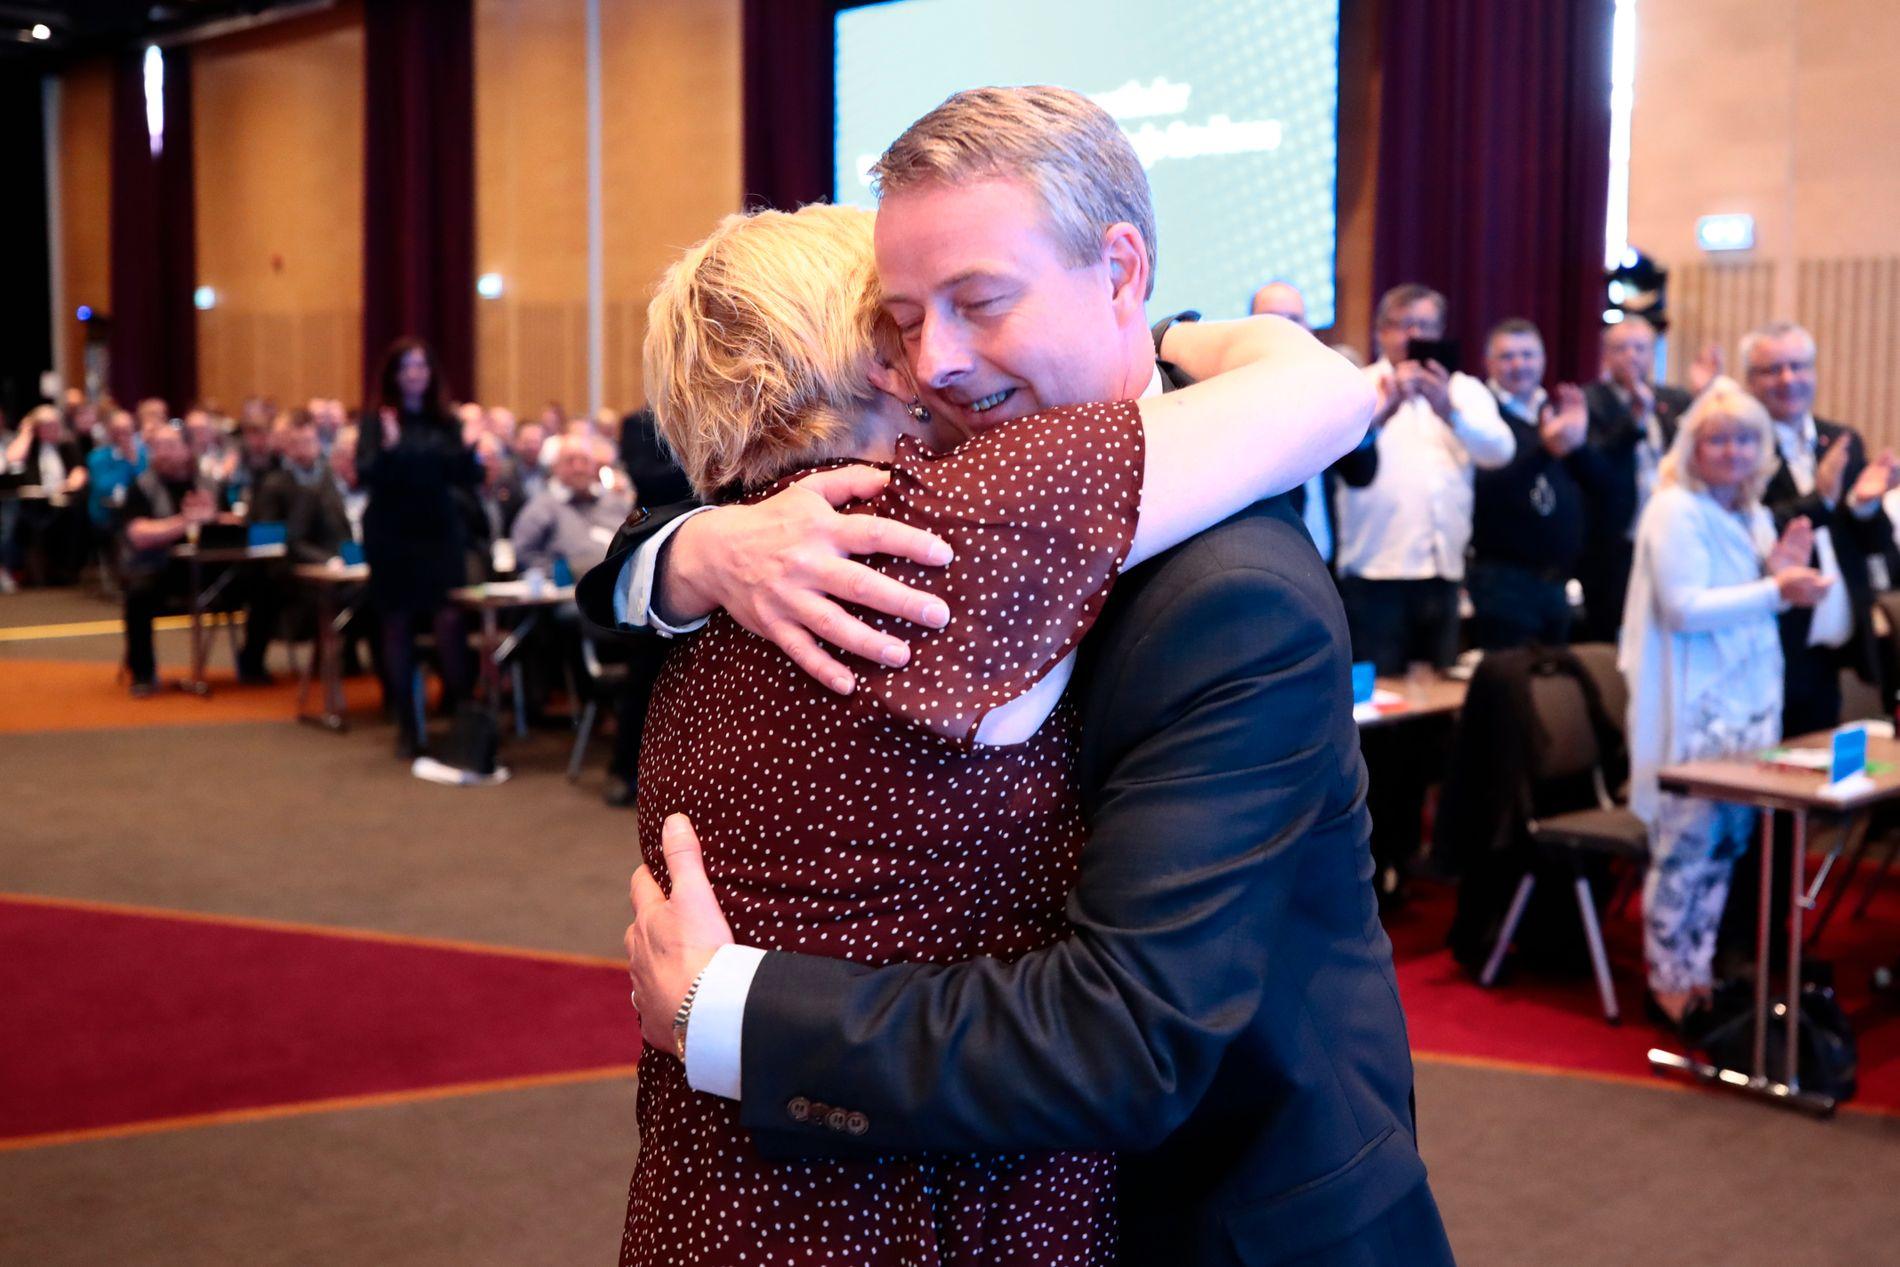 FELLES HISTORIE: Terje Søviknes får en god klem av Siv Jensen etter å ha blitt valgt til ny nestleder i Frp.